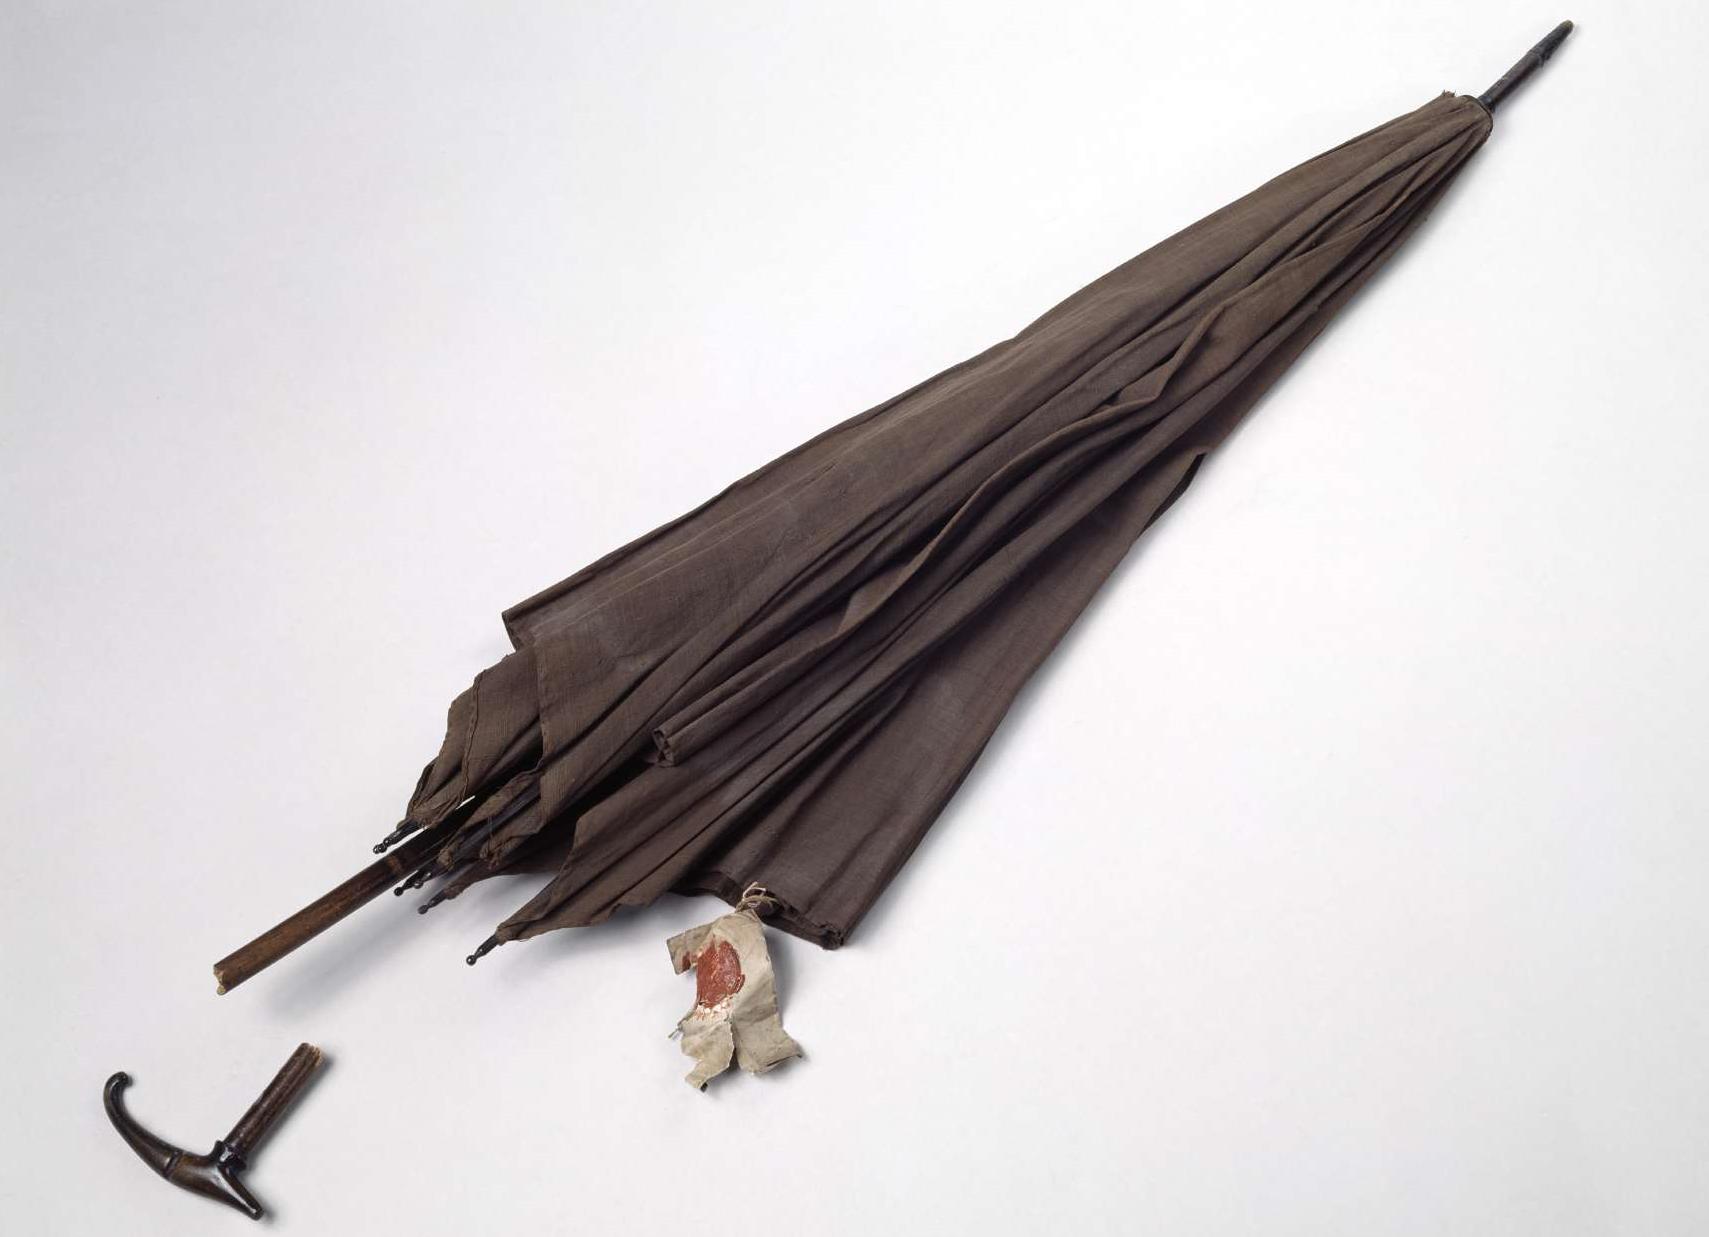 Das Foto zeigt einen alten Regenschirm mit Etikett.